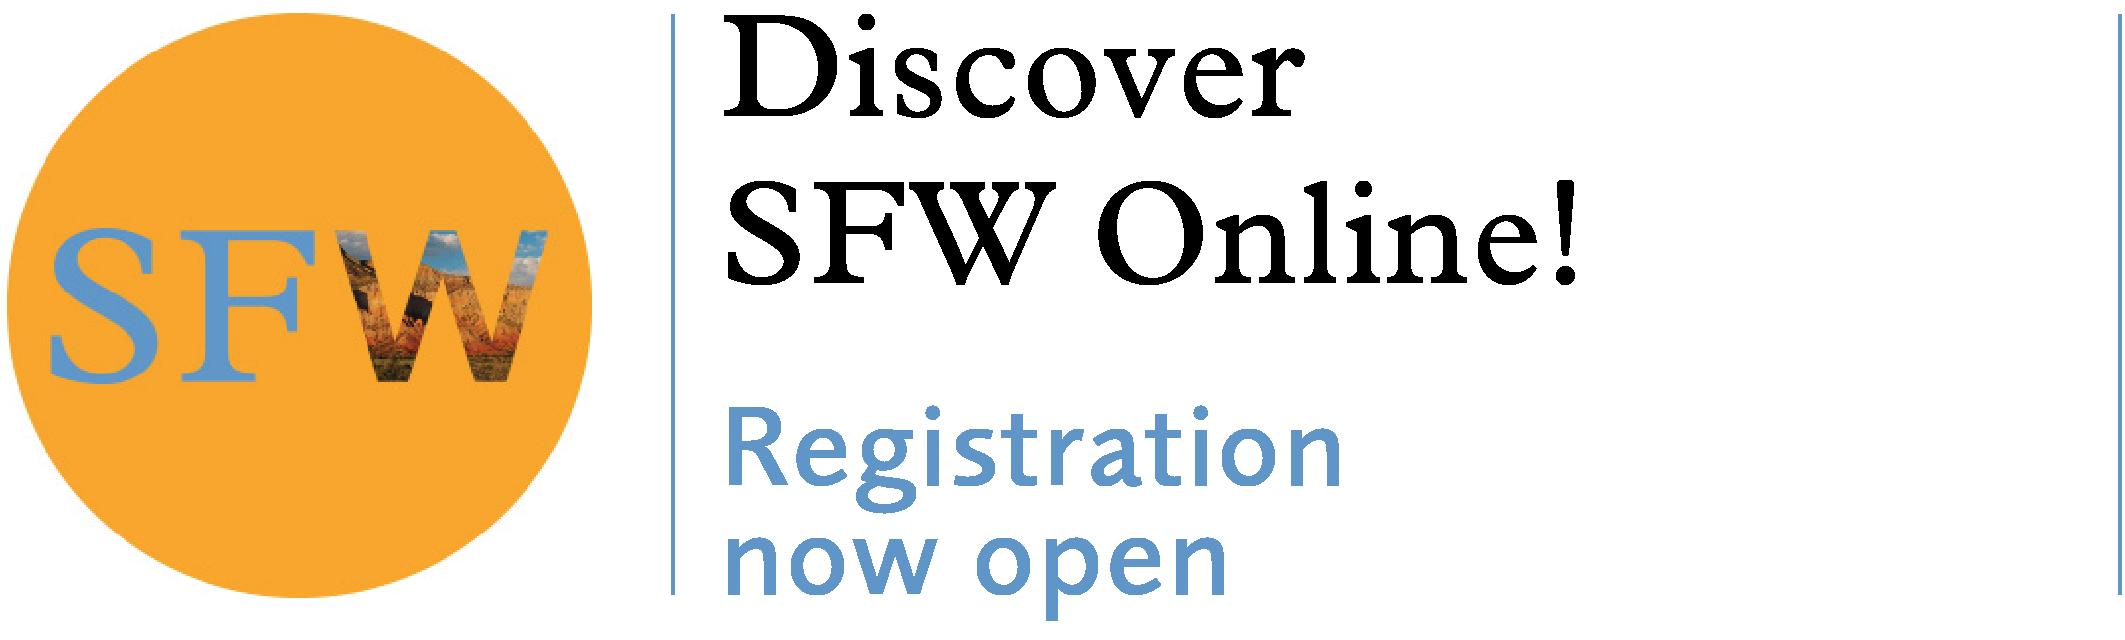 SFW Online Now Open